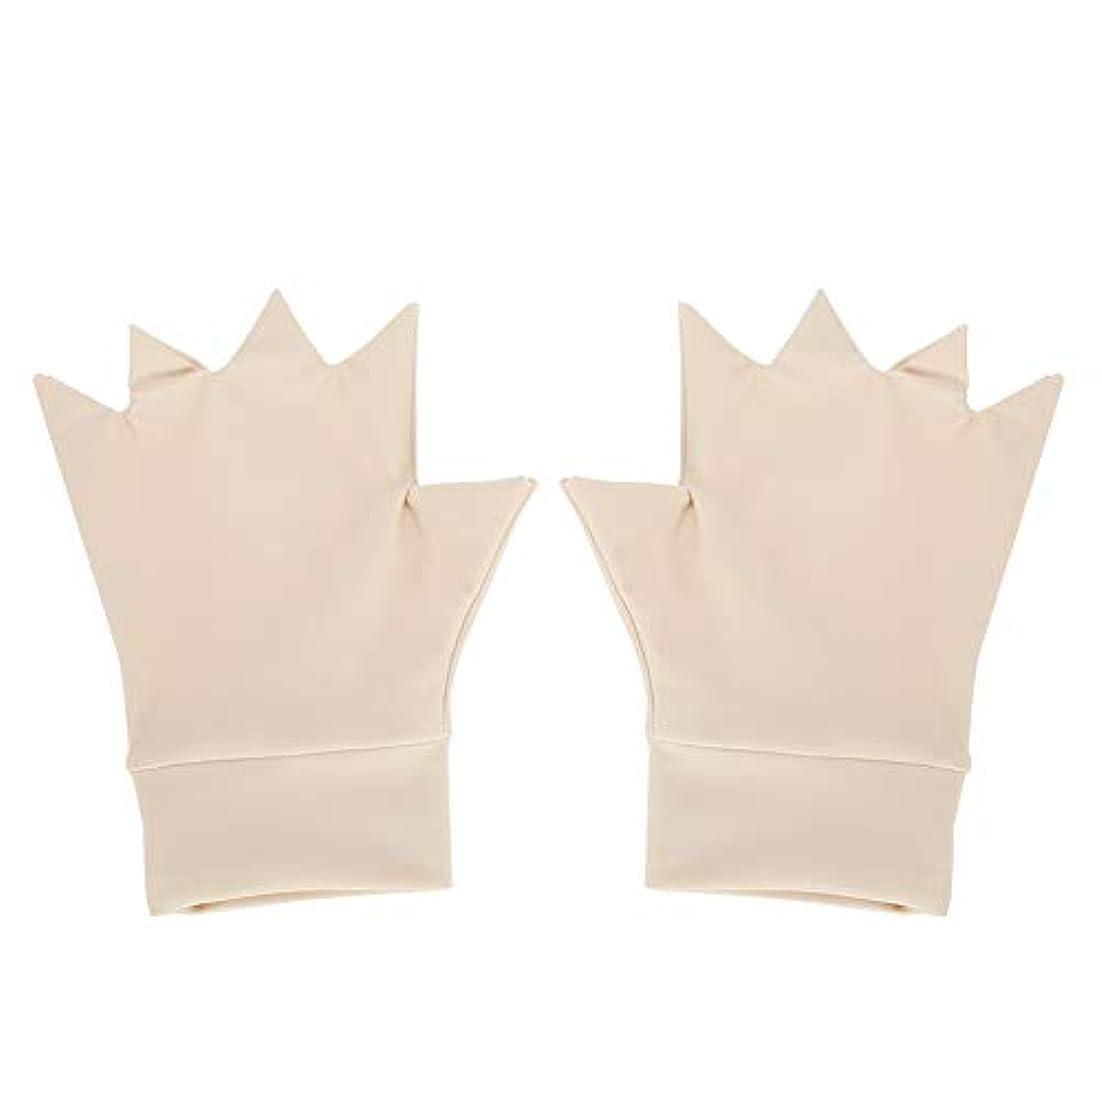 緯度変換する有利抗関節炎の手袋、抗関節炎のヘルスケアの手袋の圧縮療法のリウマチの痛み